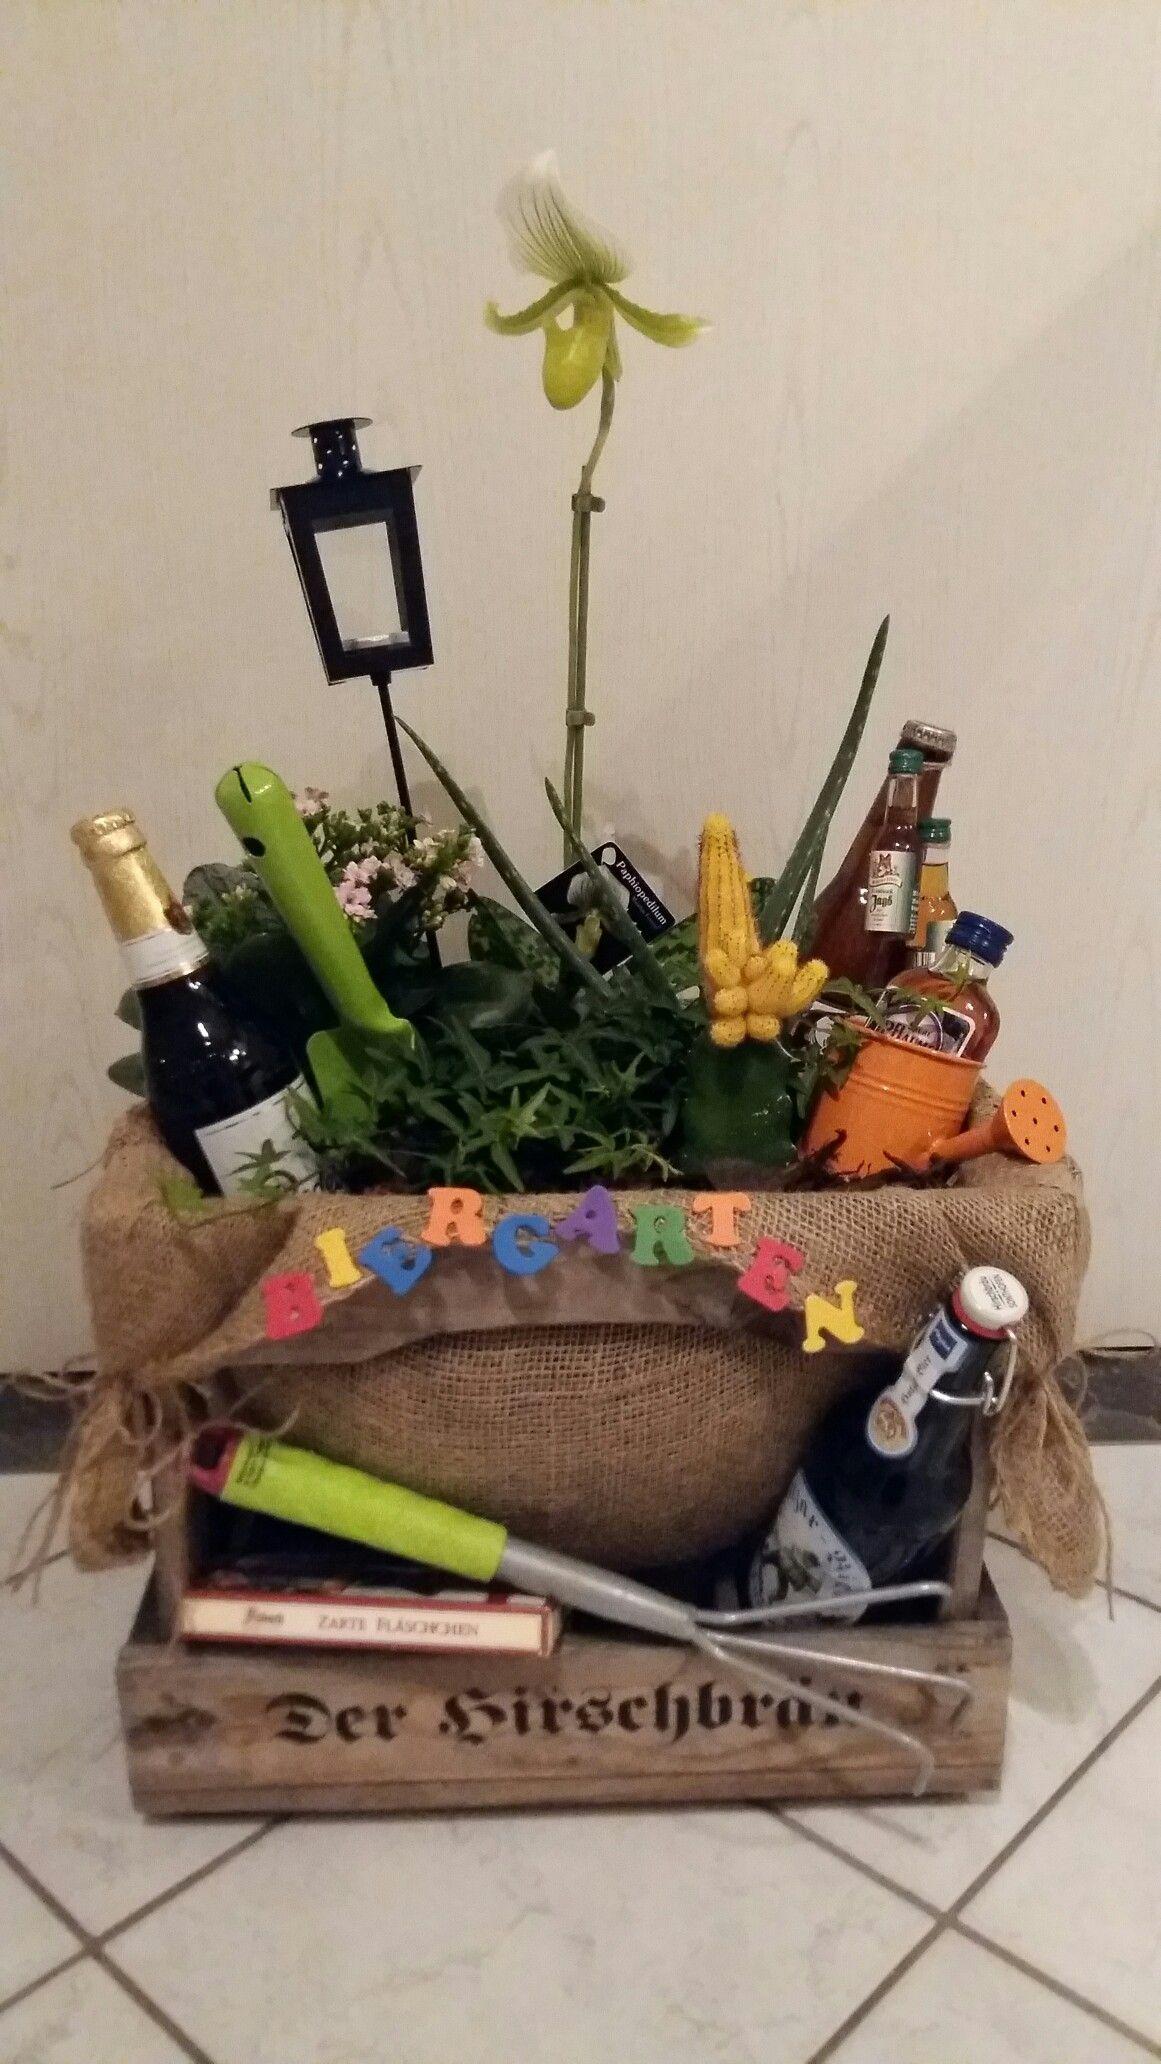 Biergarten Für Männer Zum Geburtstag Geschenke